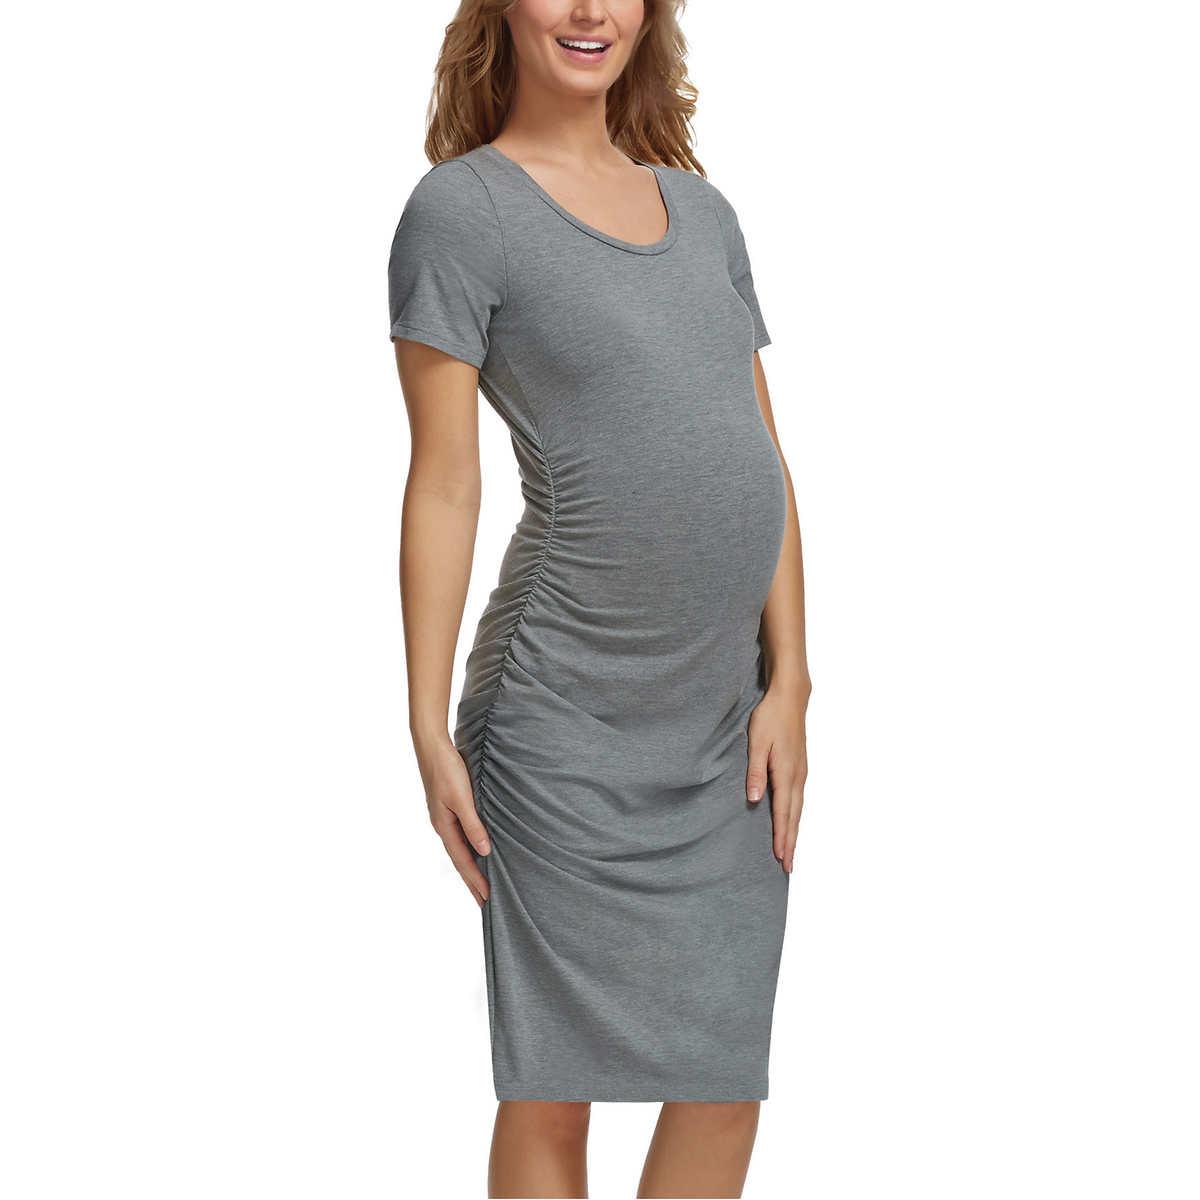 Felina ladies maternity dress felina ladies maternity dress gray 1 gray 1 ombrellifo Gallery